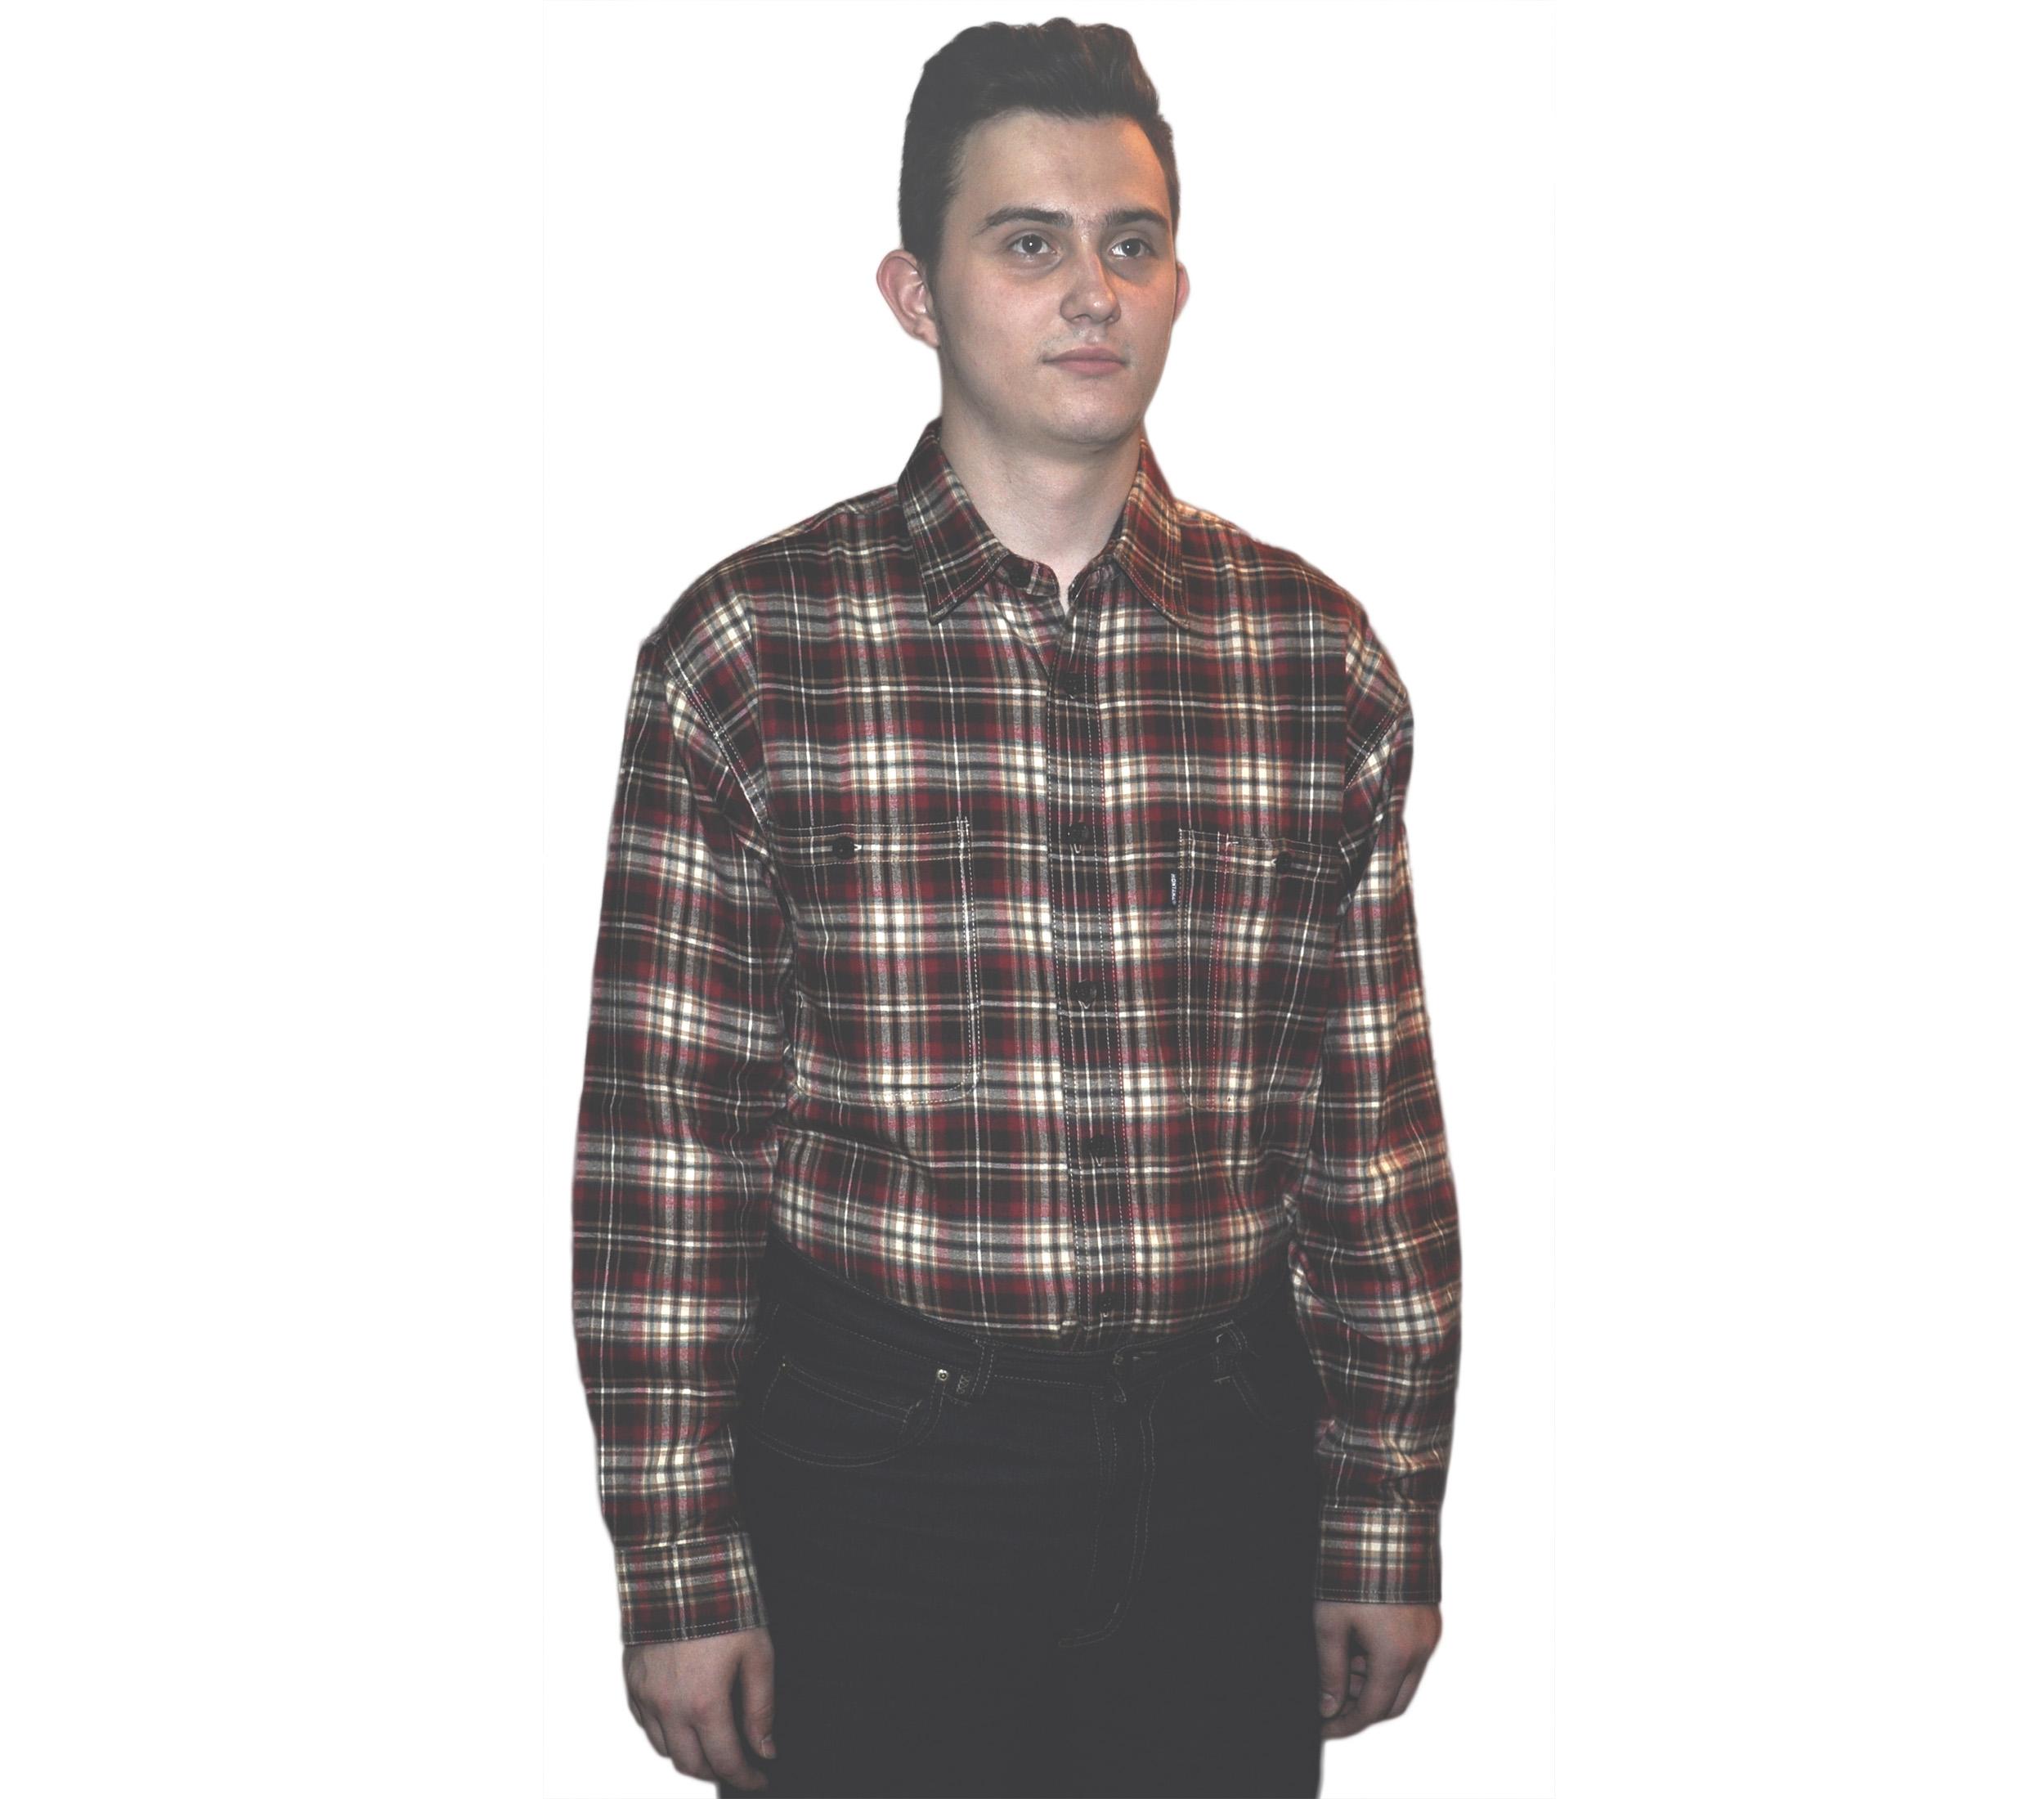 4c52805c160 Мужская джинсовая фланелевая рубашка на подкладке из хлопка